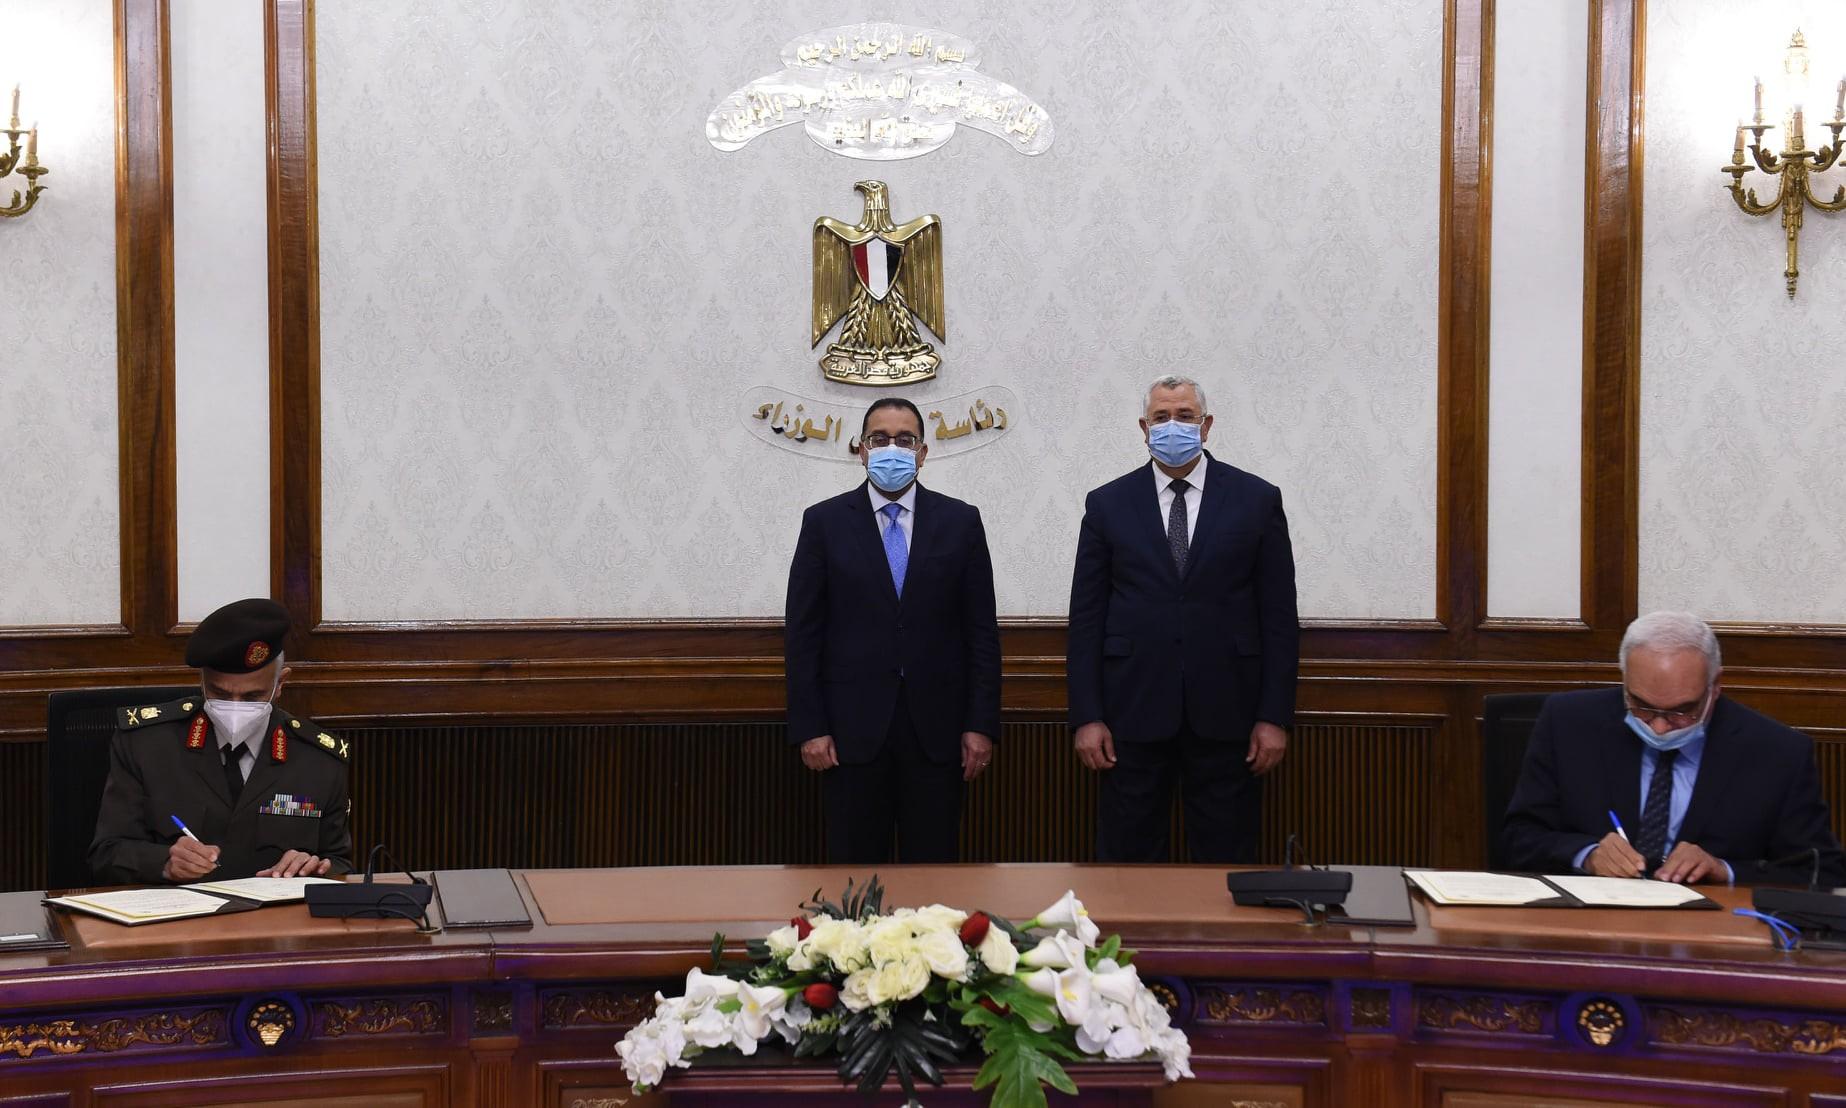 مدبولي يشهد توقيع عقد لشراء قطن الإكثار بين الزراعة والوطنية المصرية للتطوير